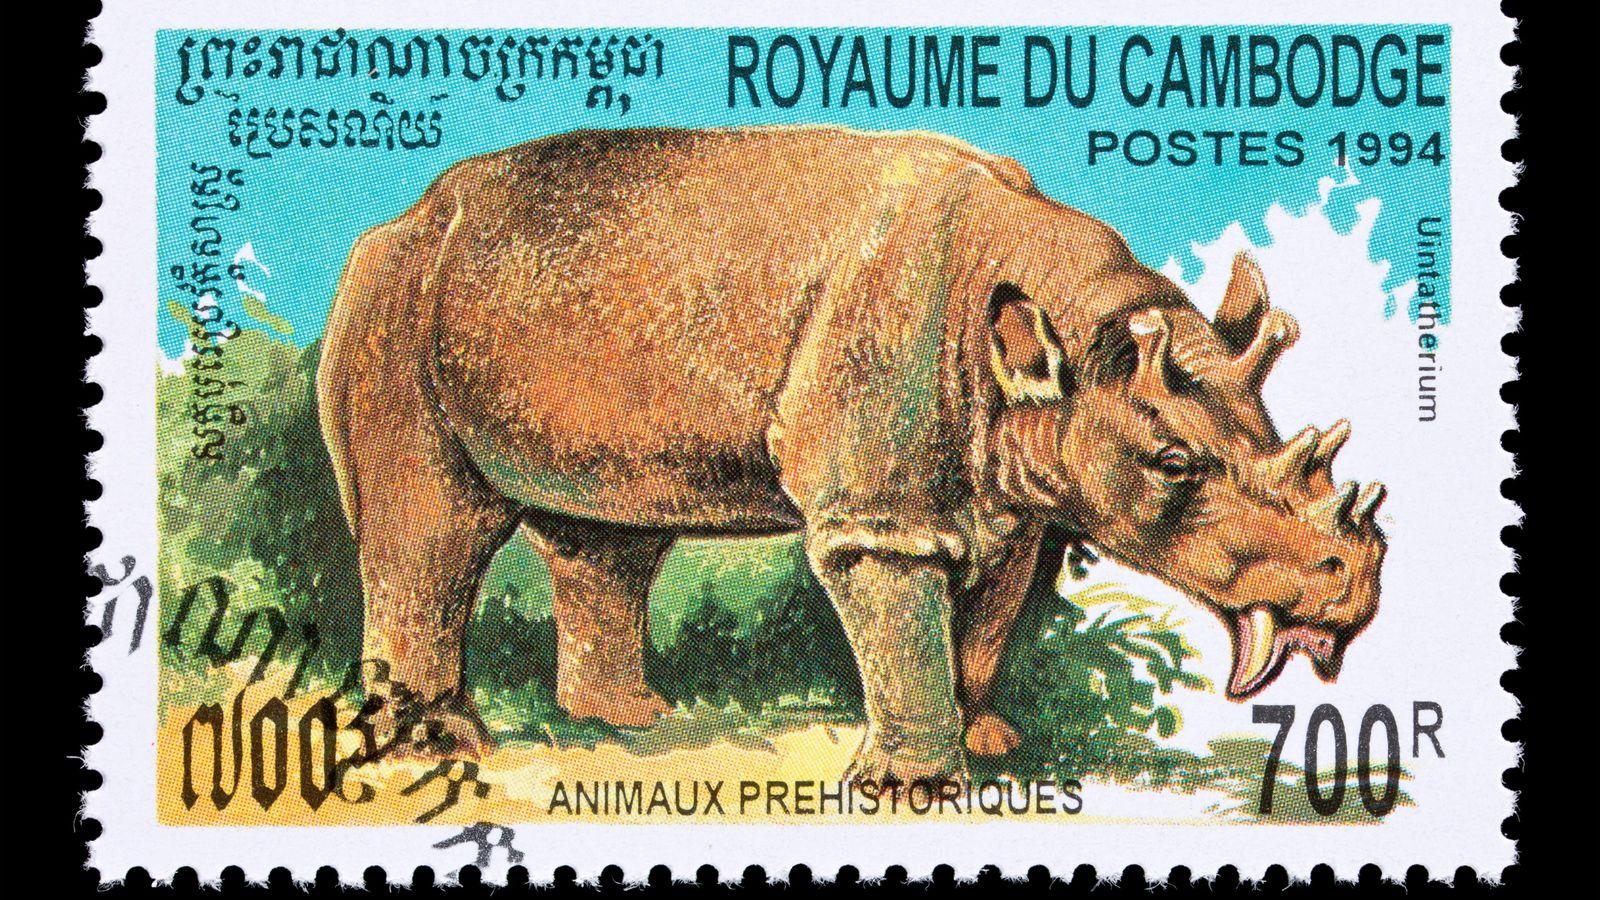 O extinto mamífero uintatério, representado aqui em um selo postal do Camboja, viveu há cerca de ...